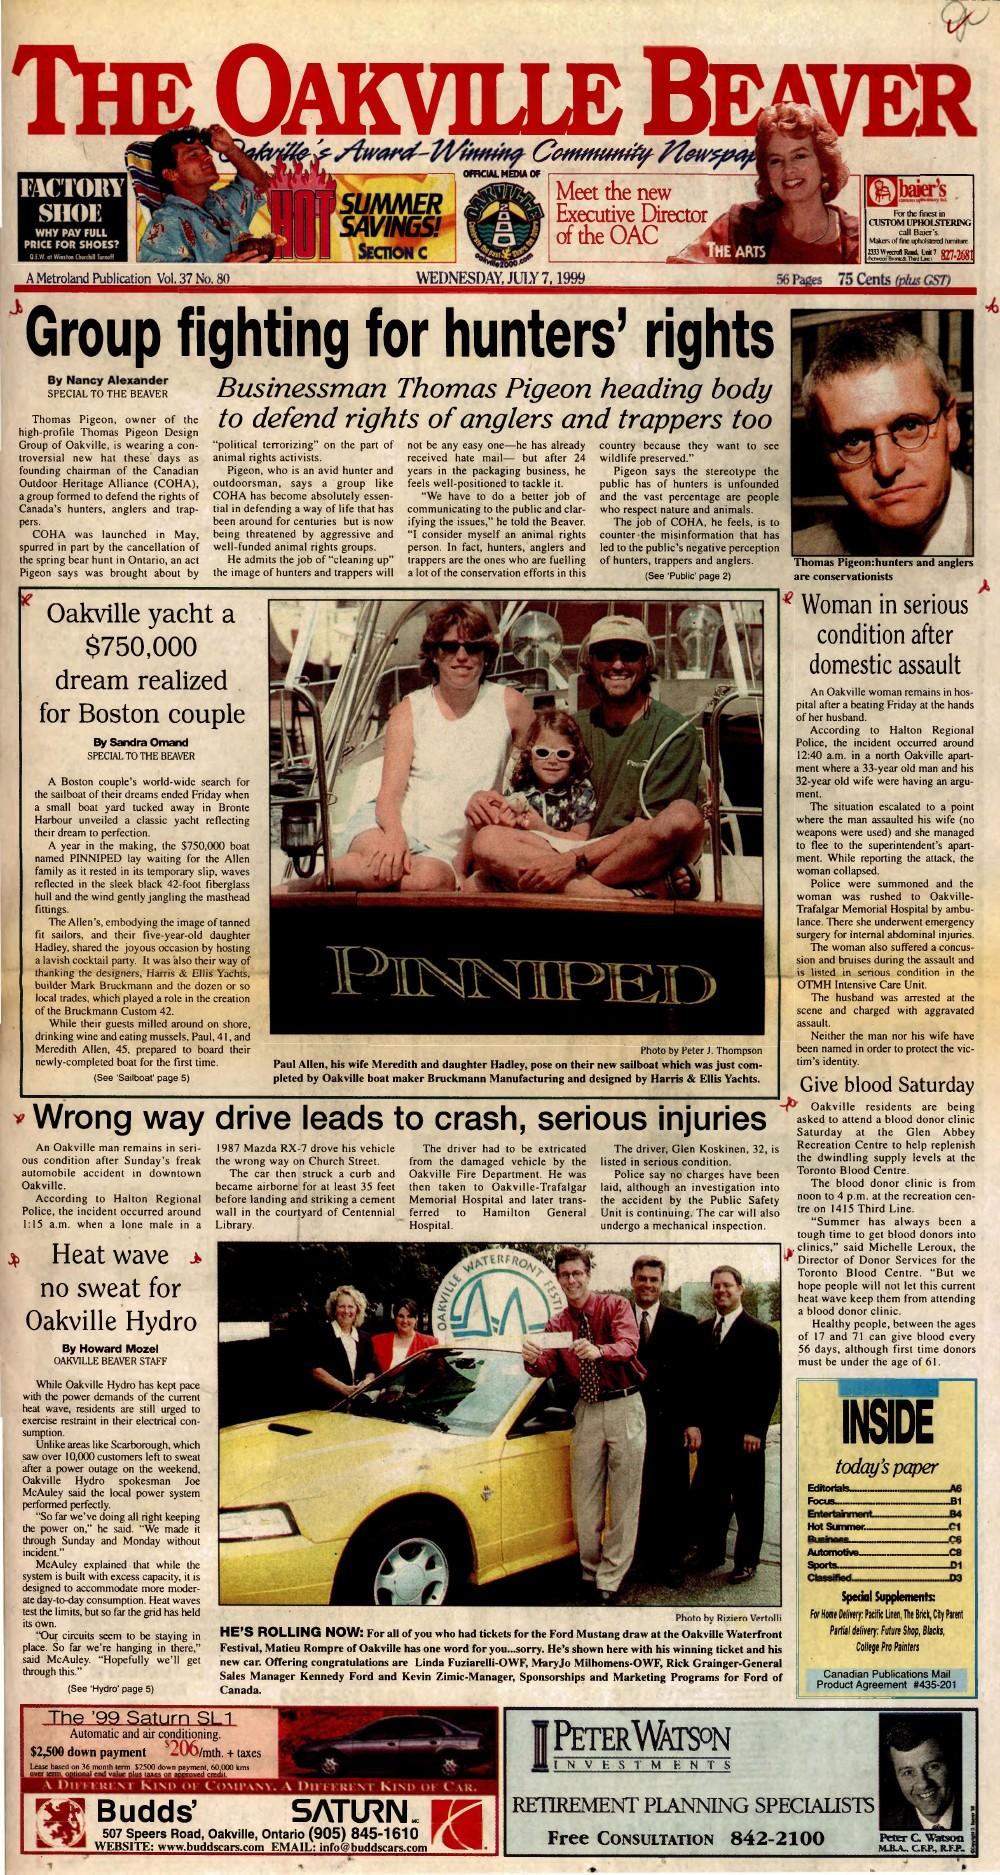 Oakville Beaver, 7 Jul 1999